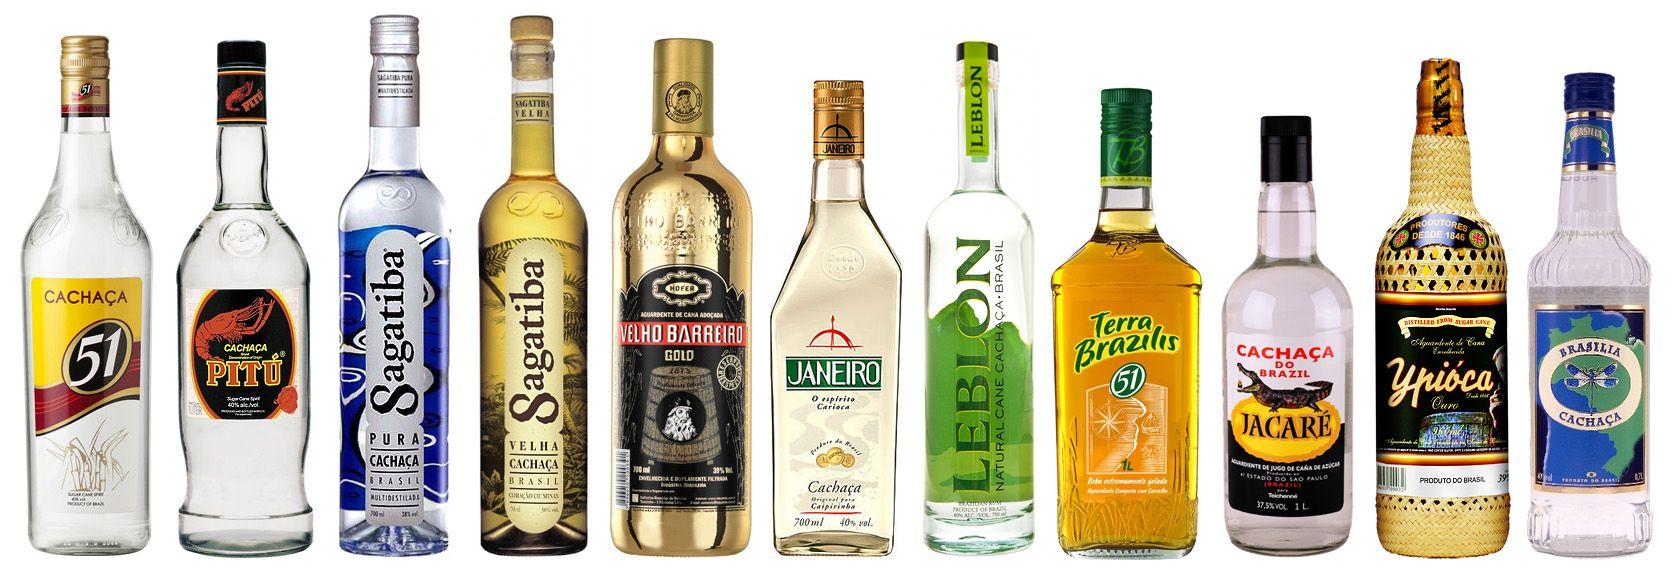 Кашаса, бразильская водка